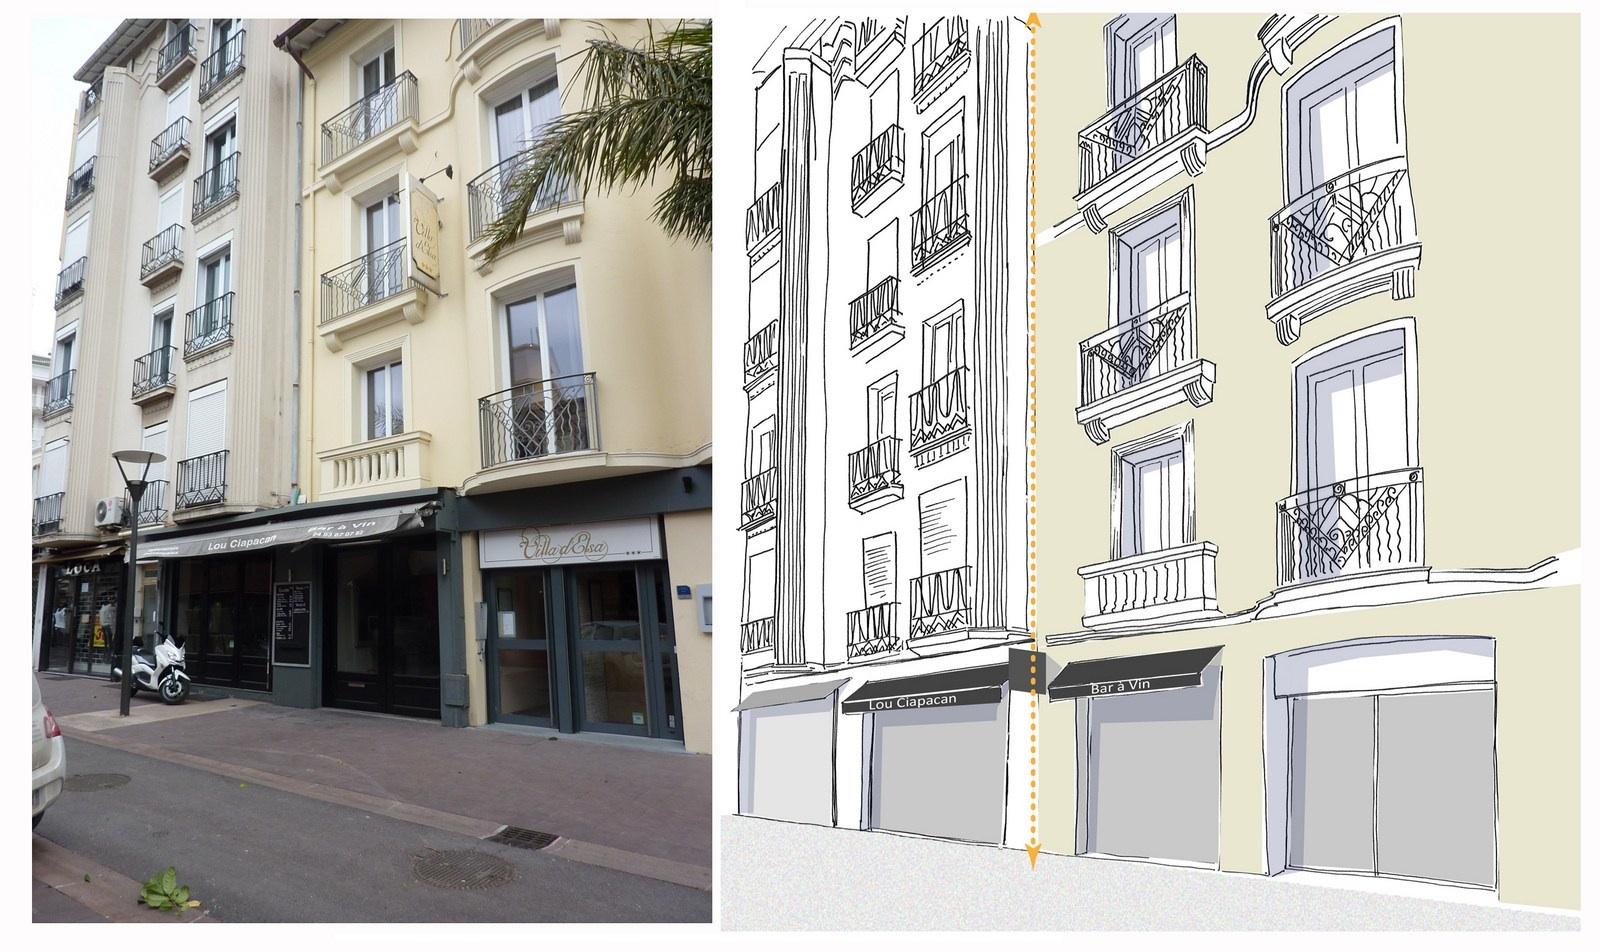 Préserver la caractère architectural des municipalités, une autre mission de AID Observatoire